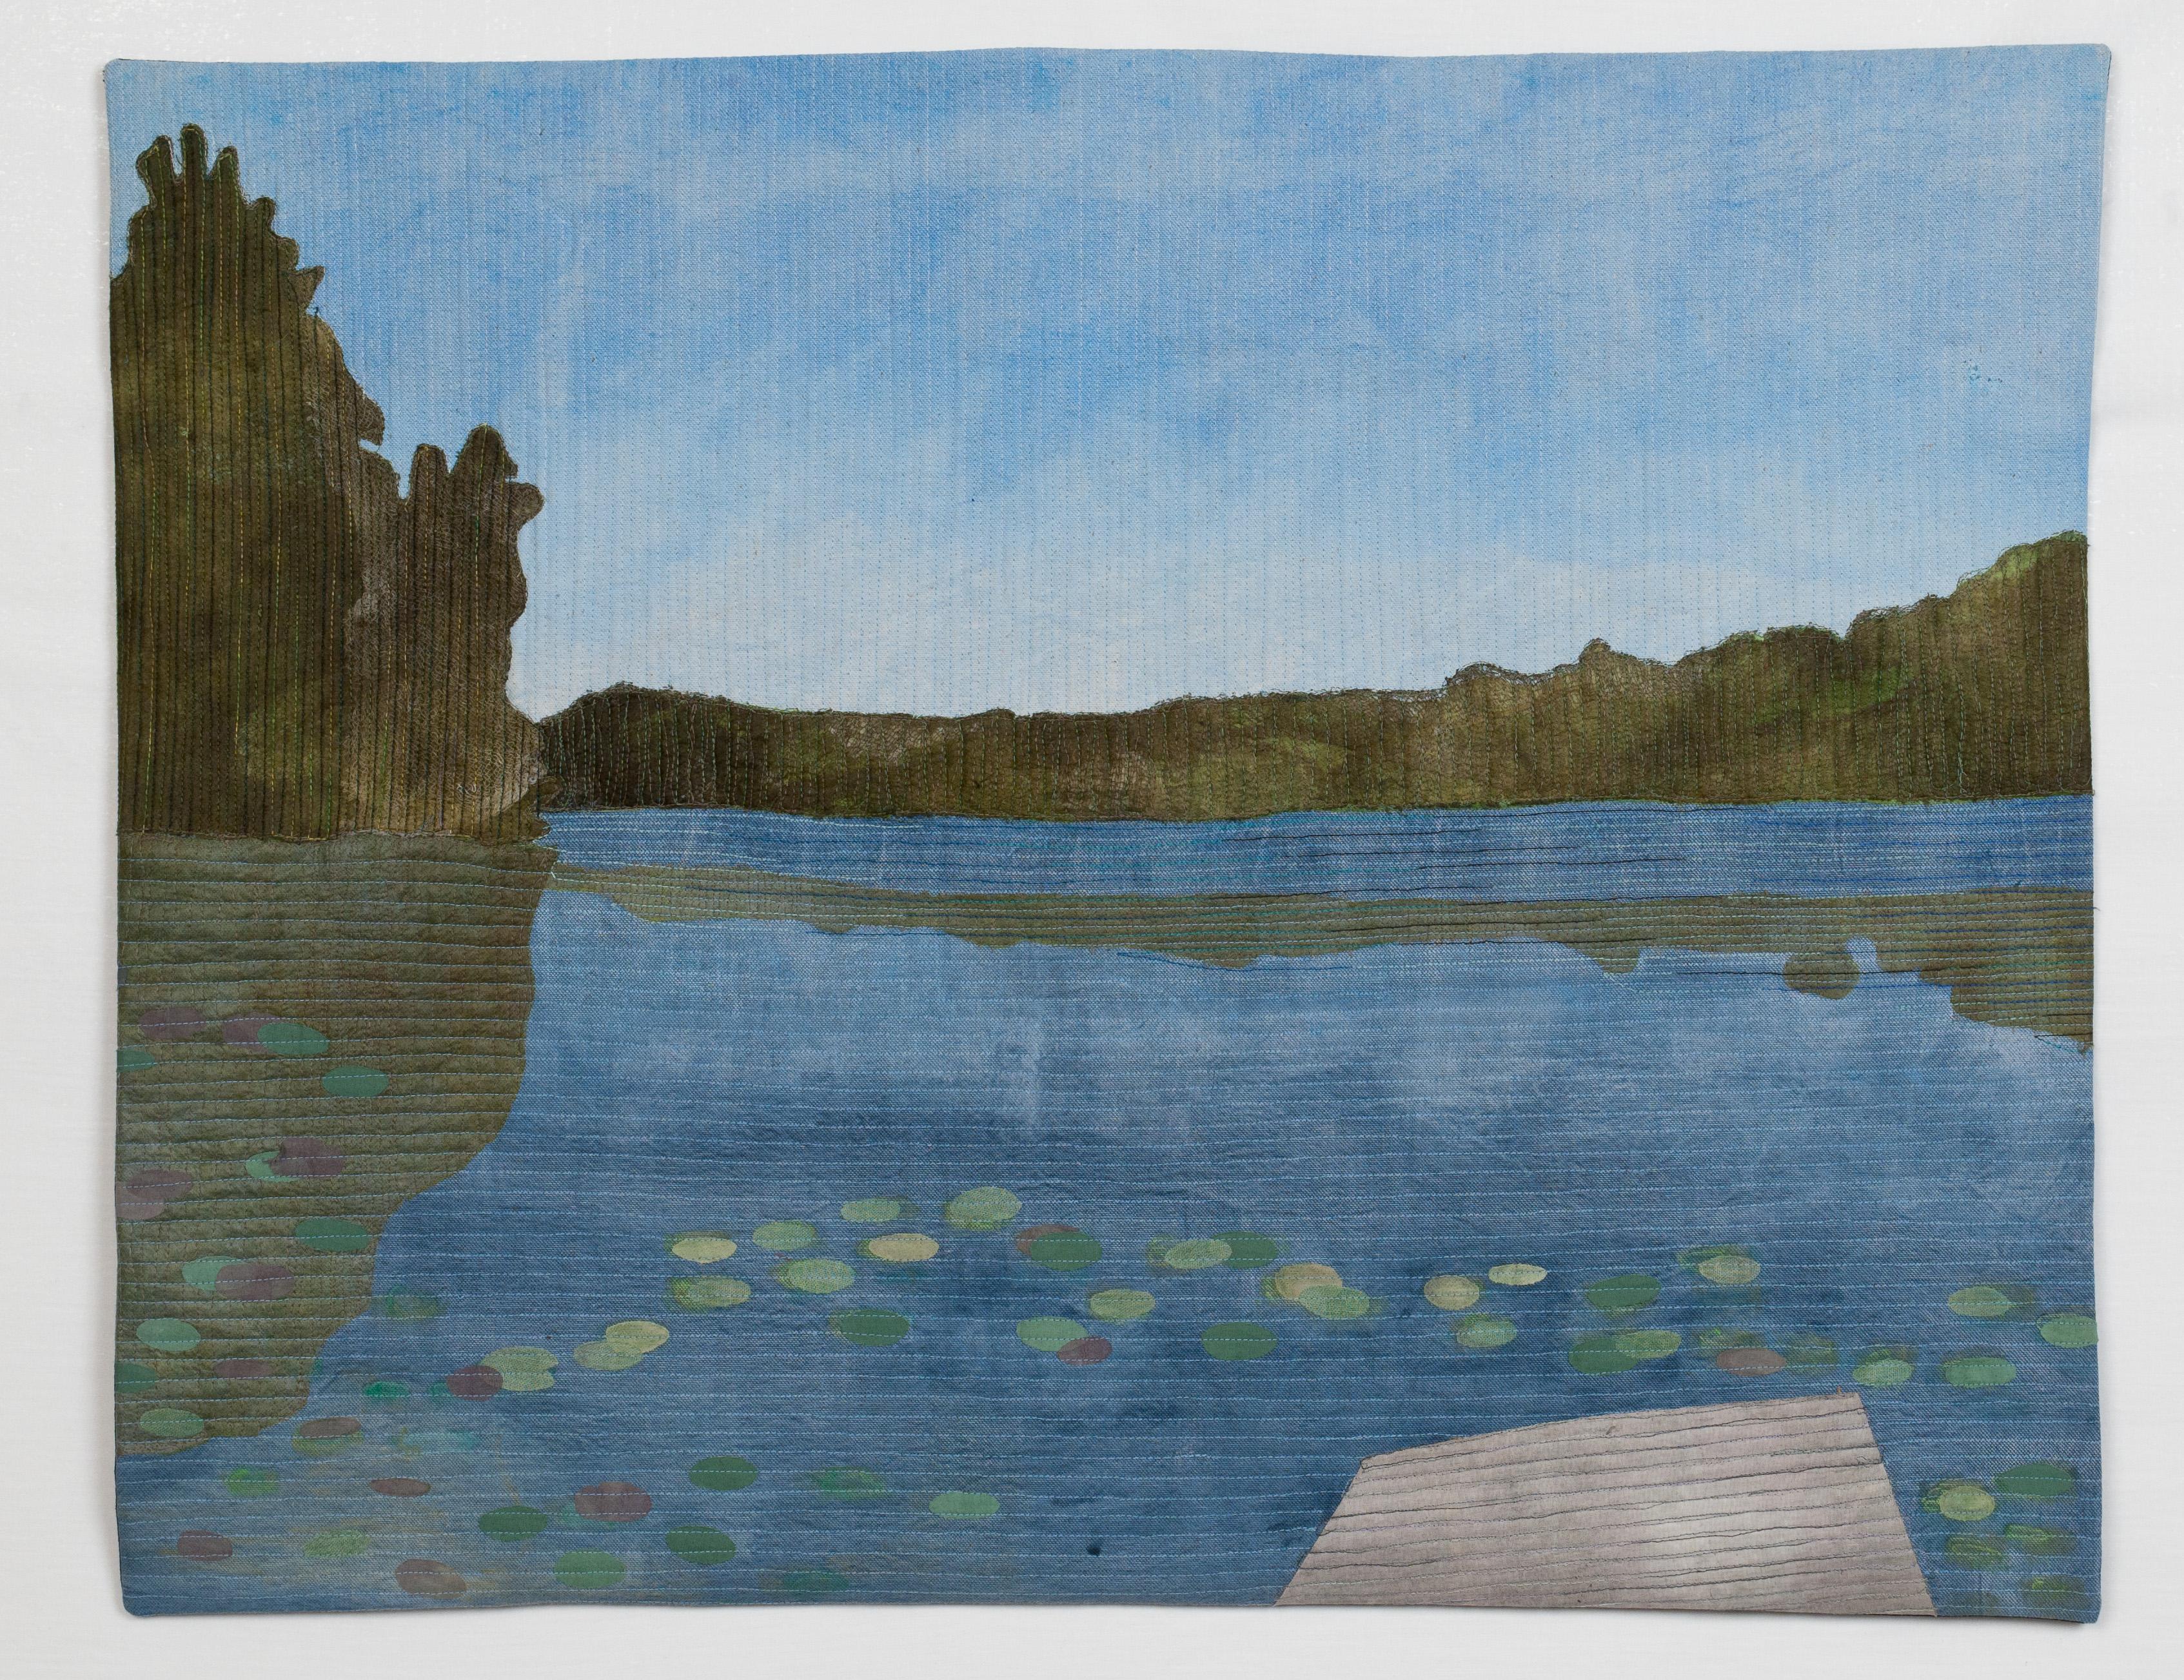 Lake Bellows VI